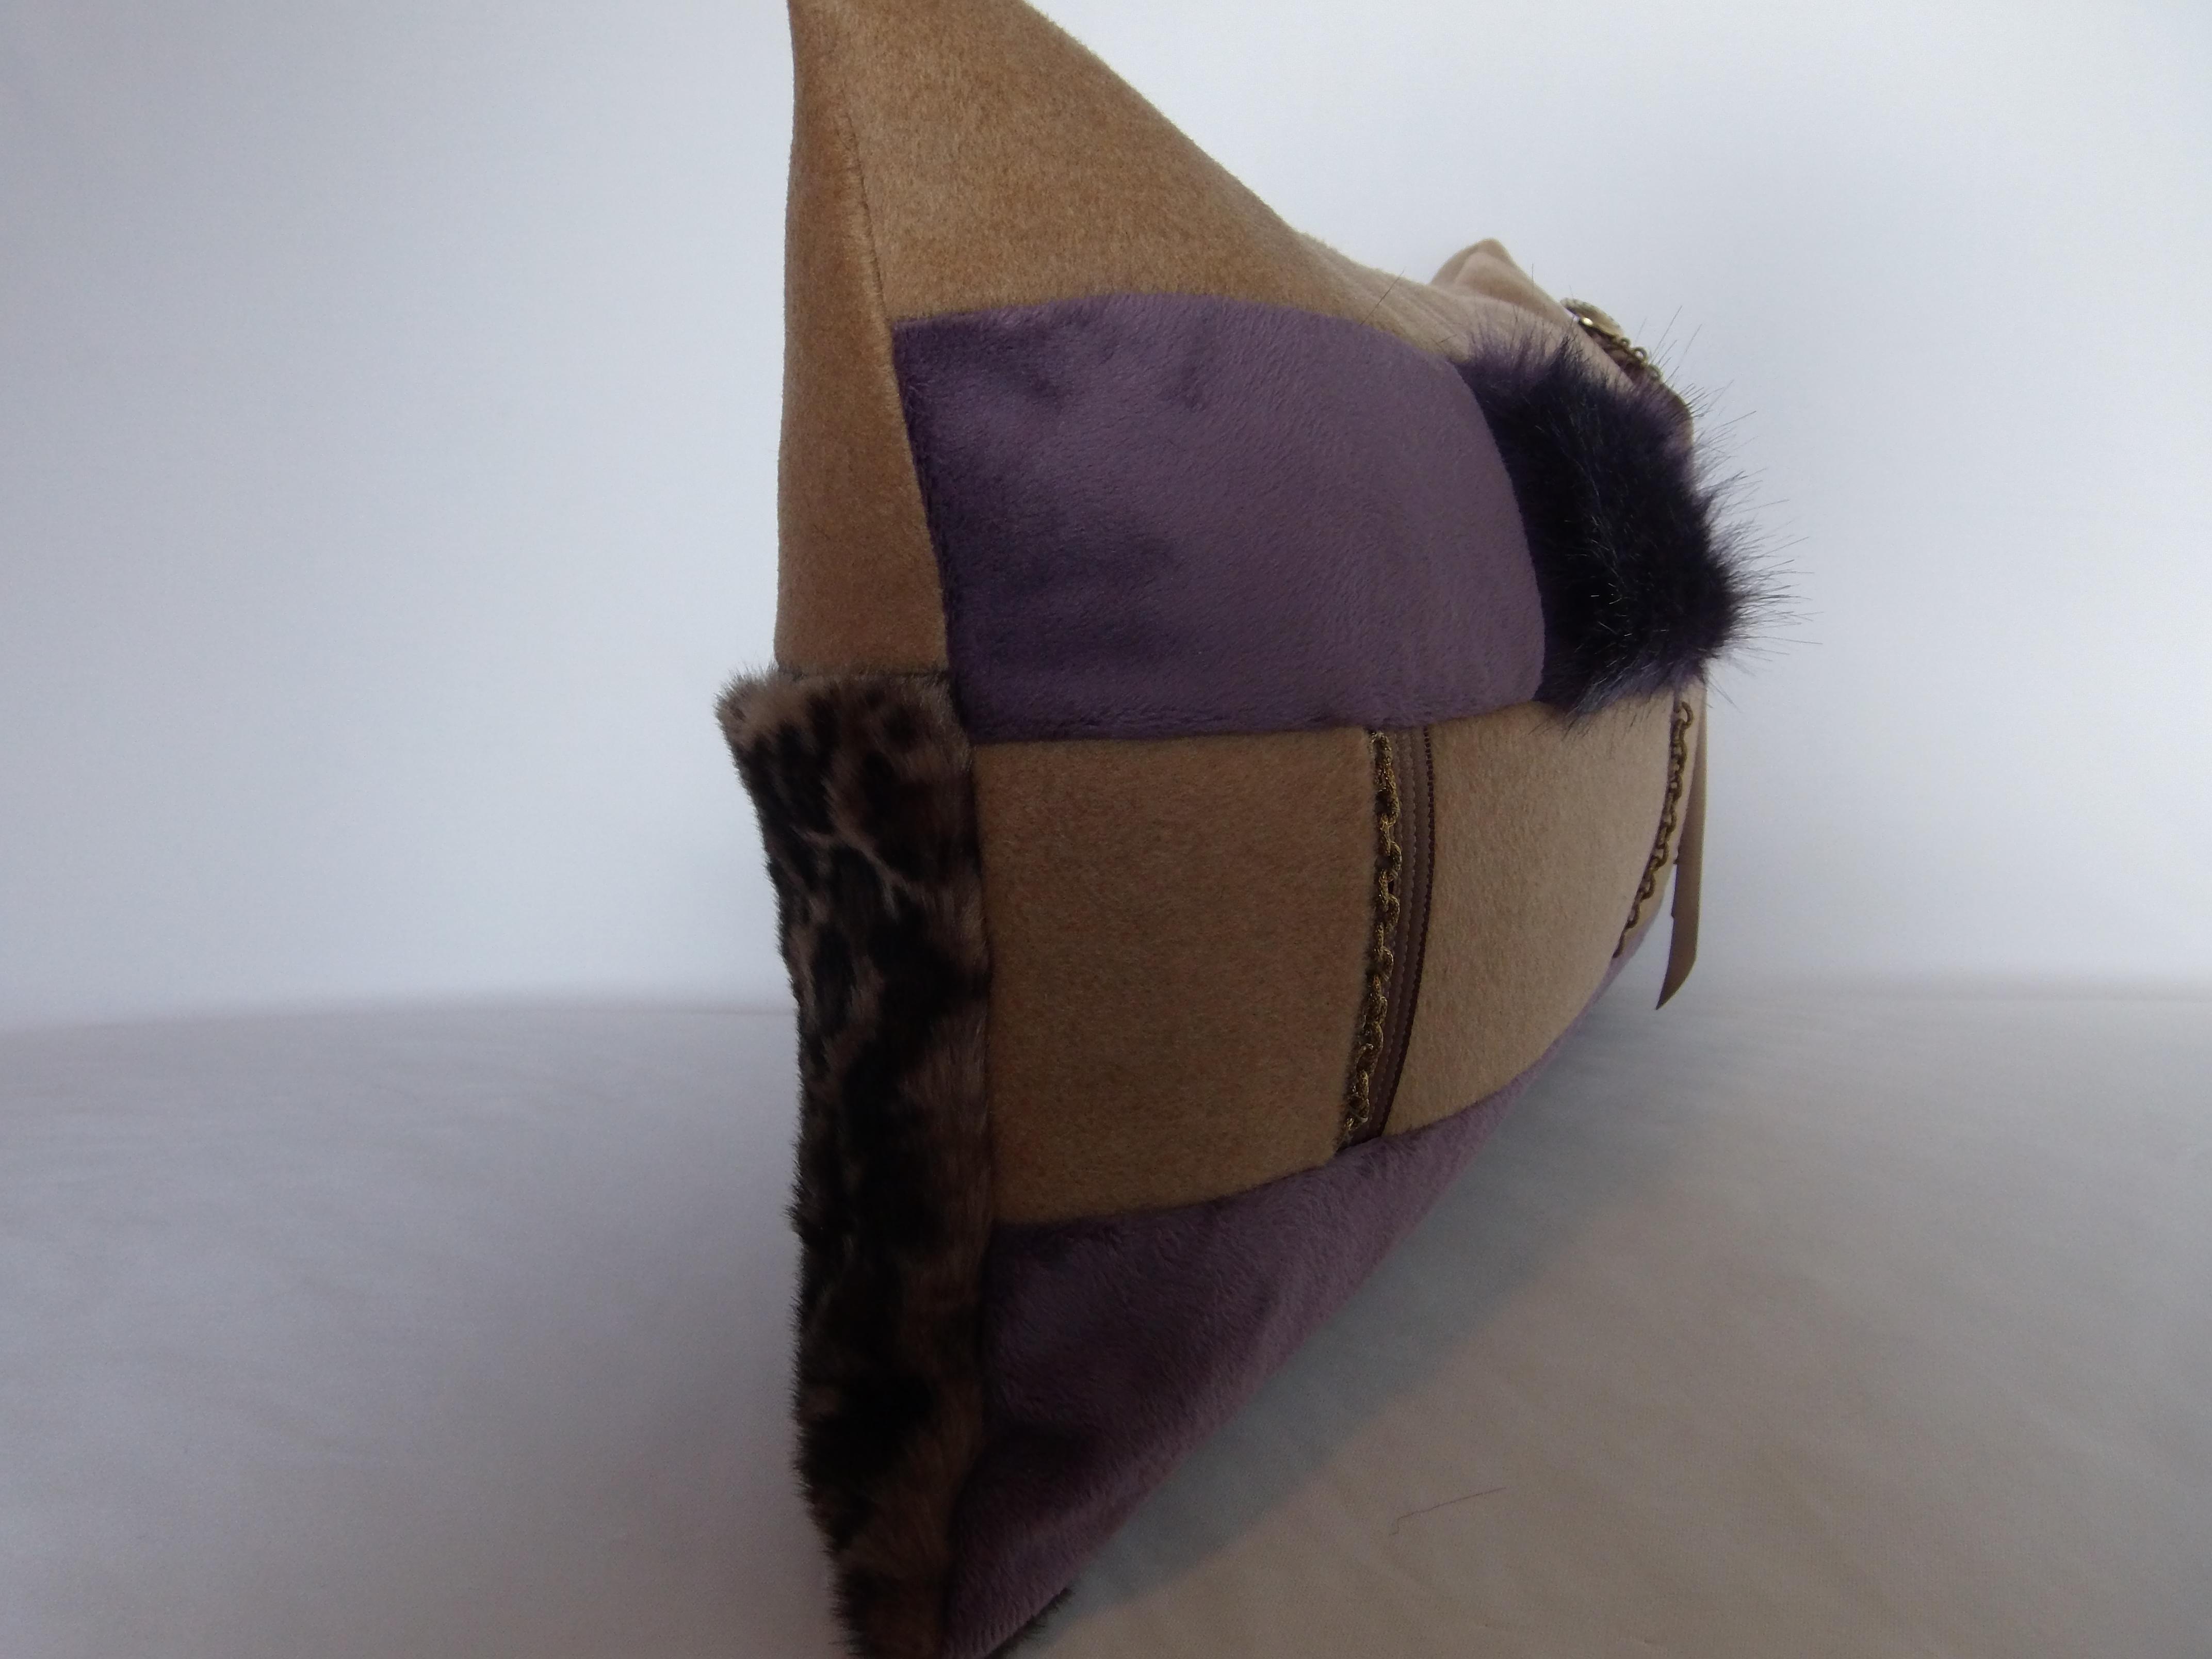 coussin bijoux boutons 30x50 mod le cl matis viticella maison et deco textiles tapis par. Black Bedroom Furniture Sets. Home Design Ideas